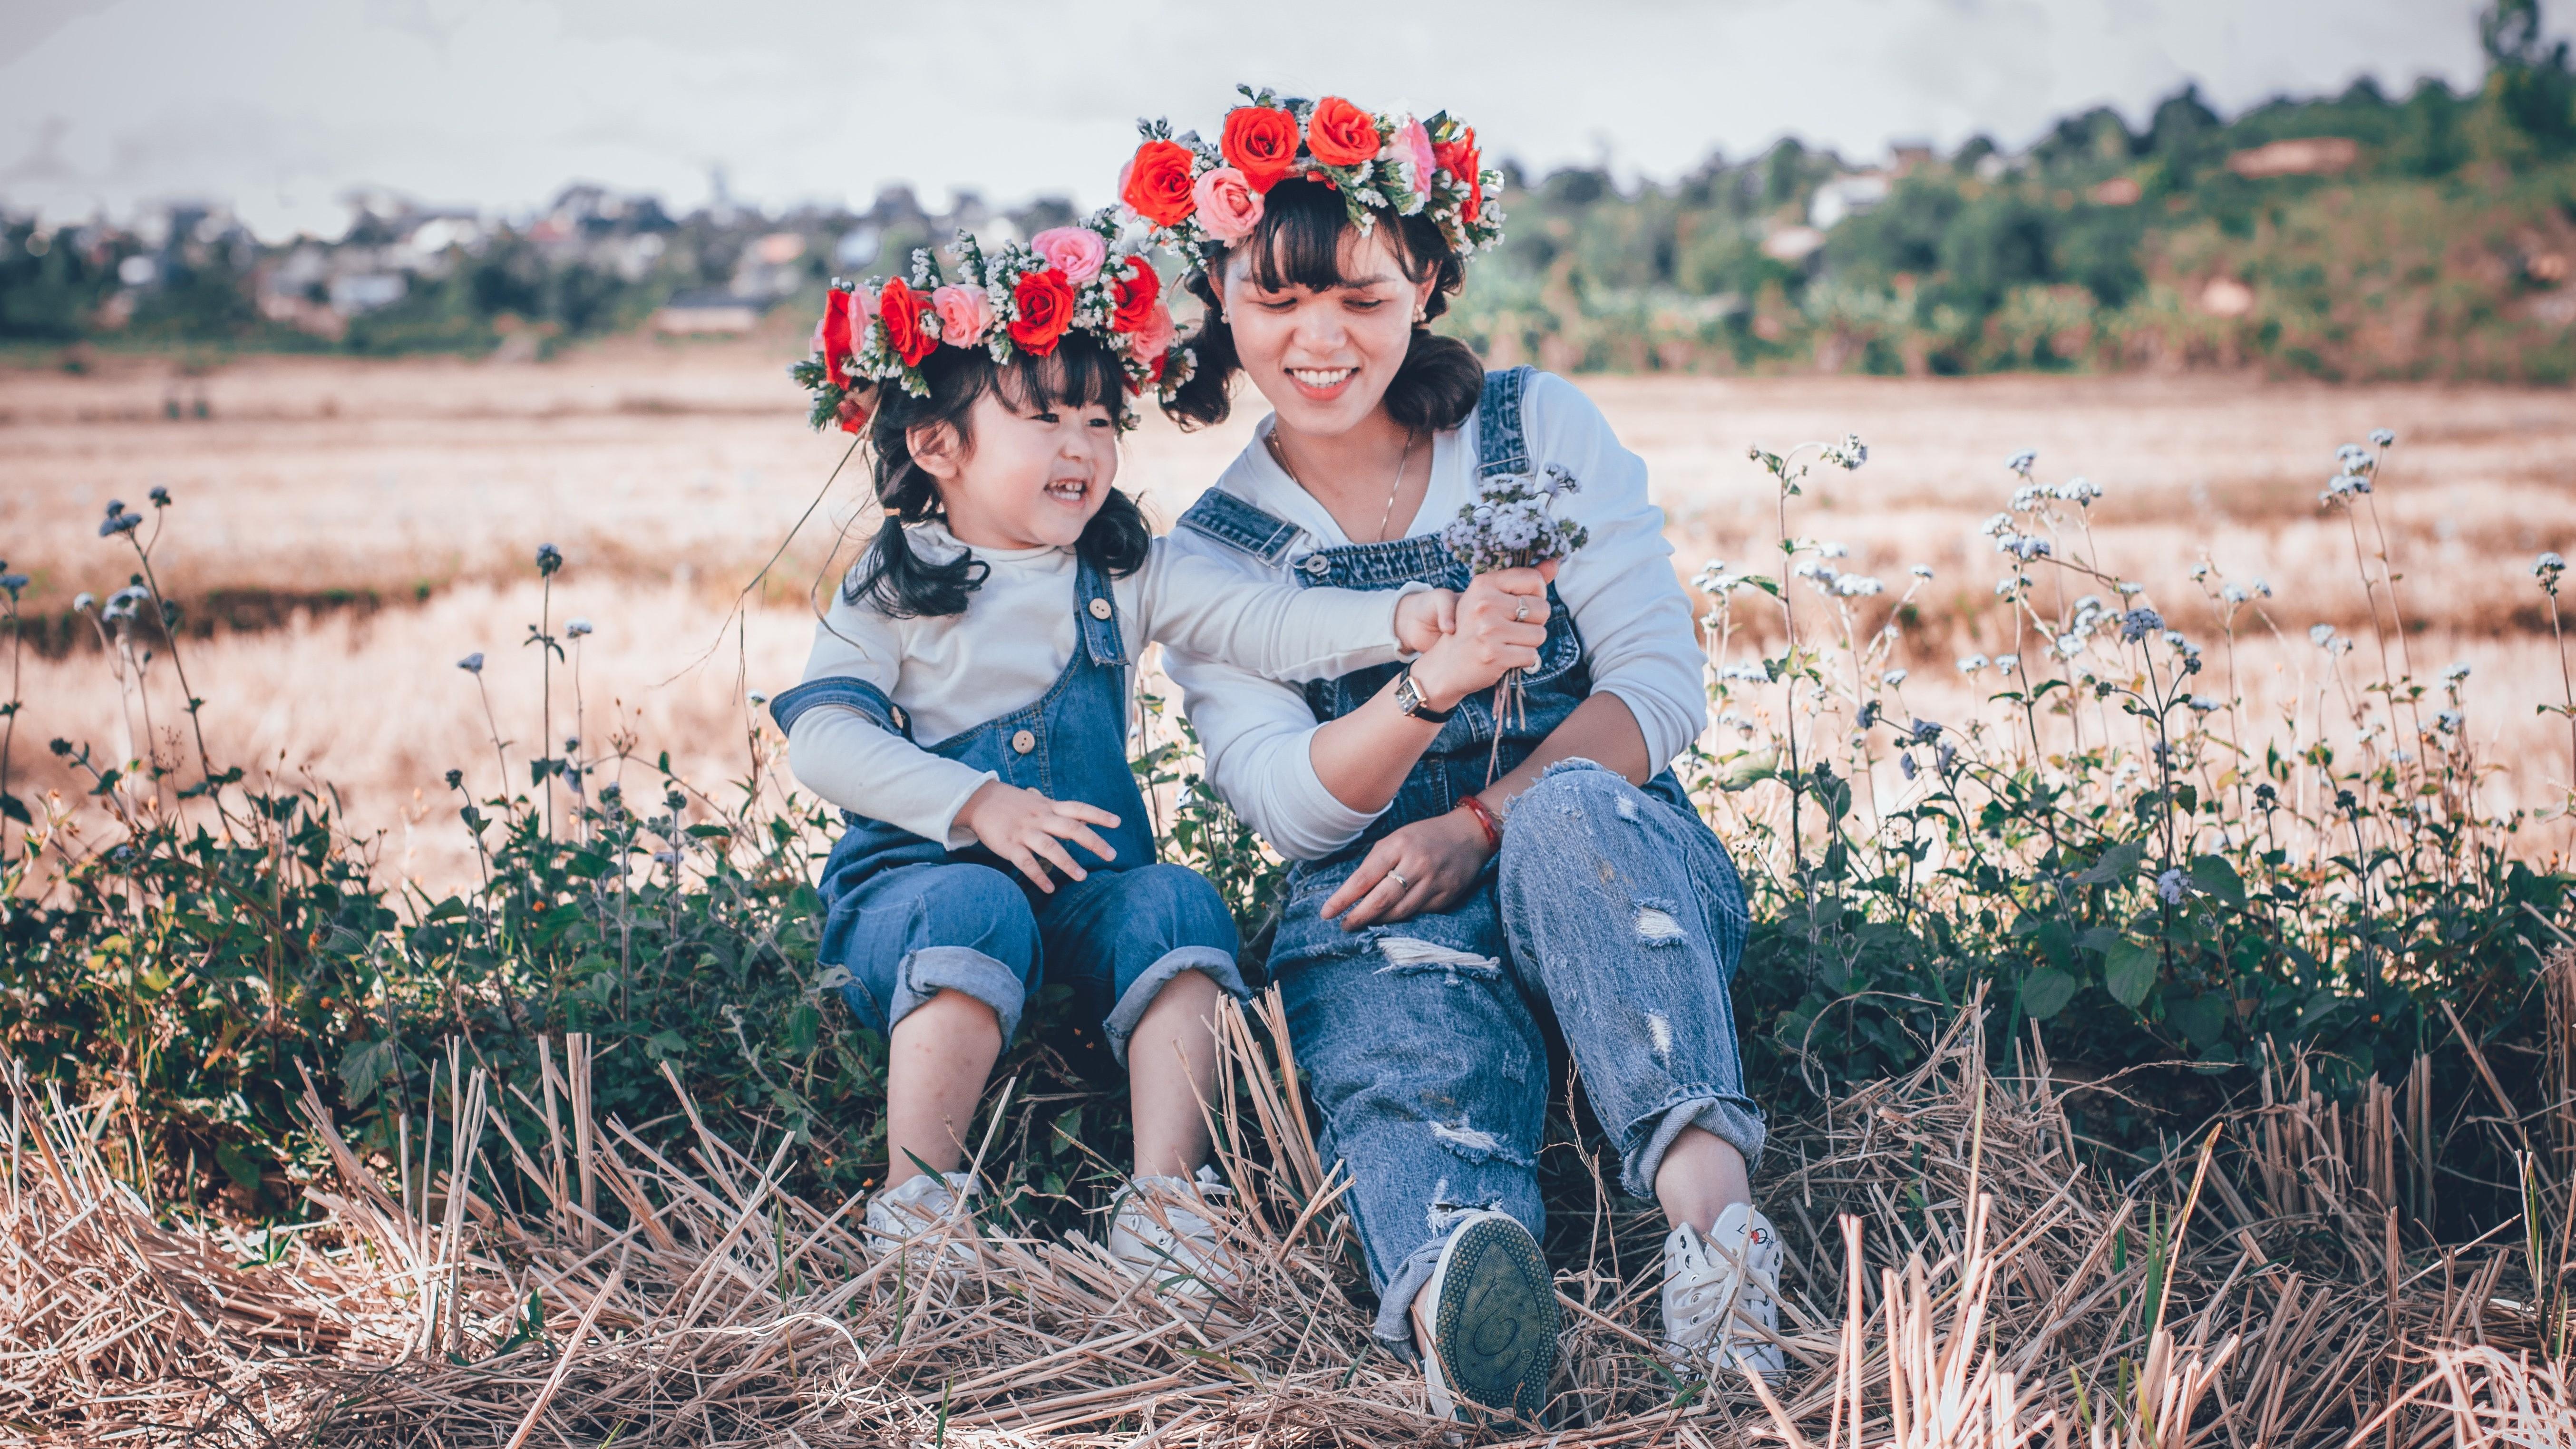 媽媽的類型大解析!2019 母親節禮物、餐廳總整理懶人包